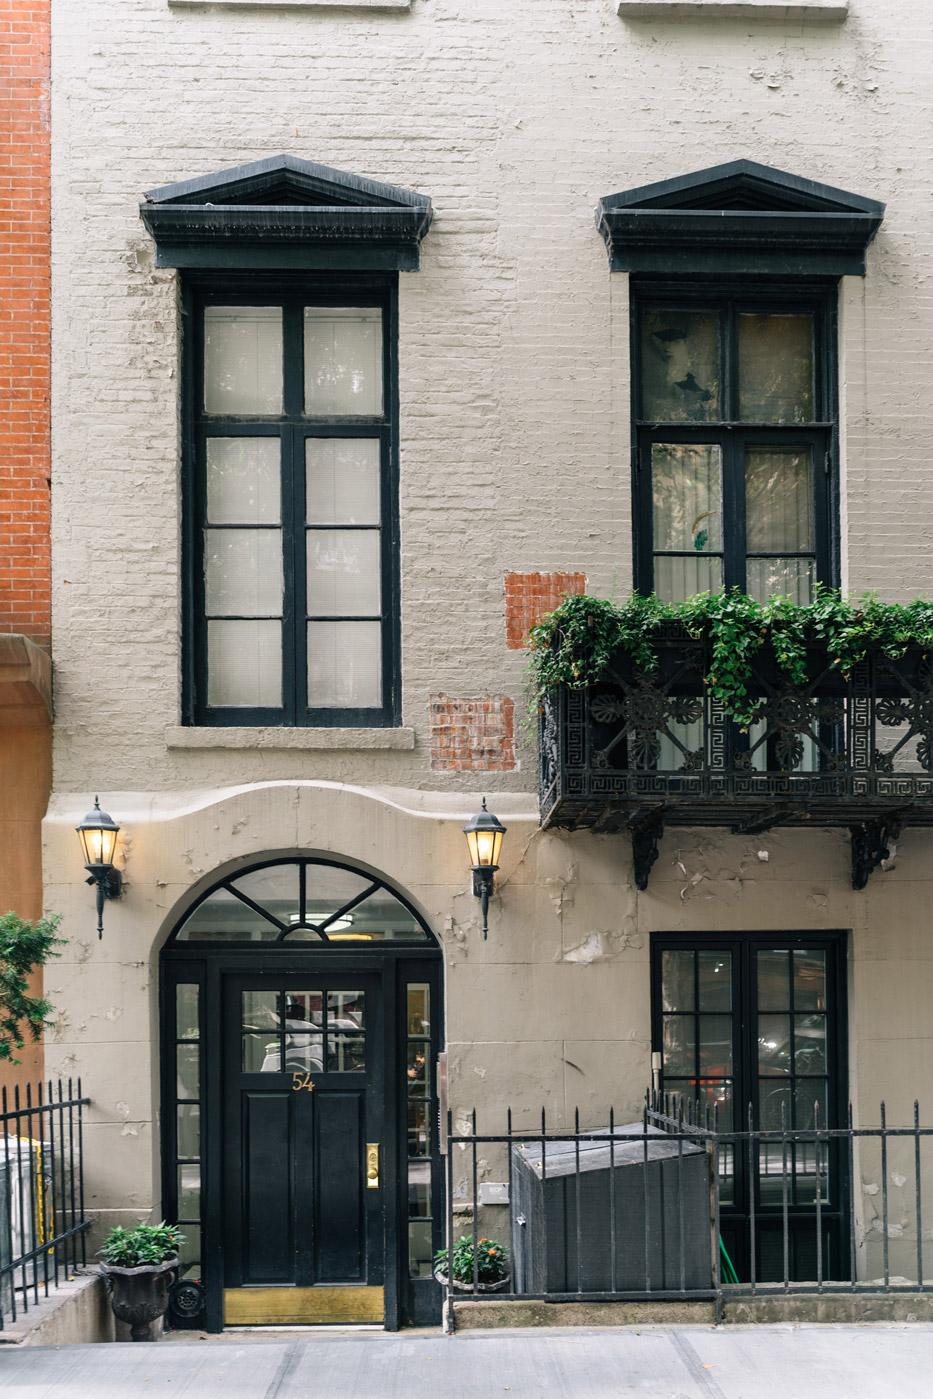 Luxurious townhomes in West Village, Manhattan